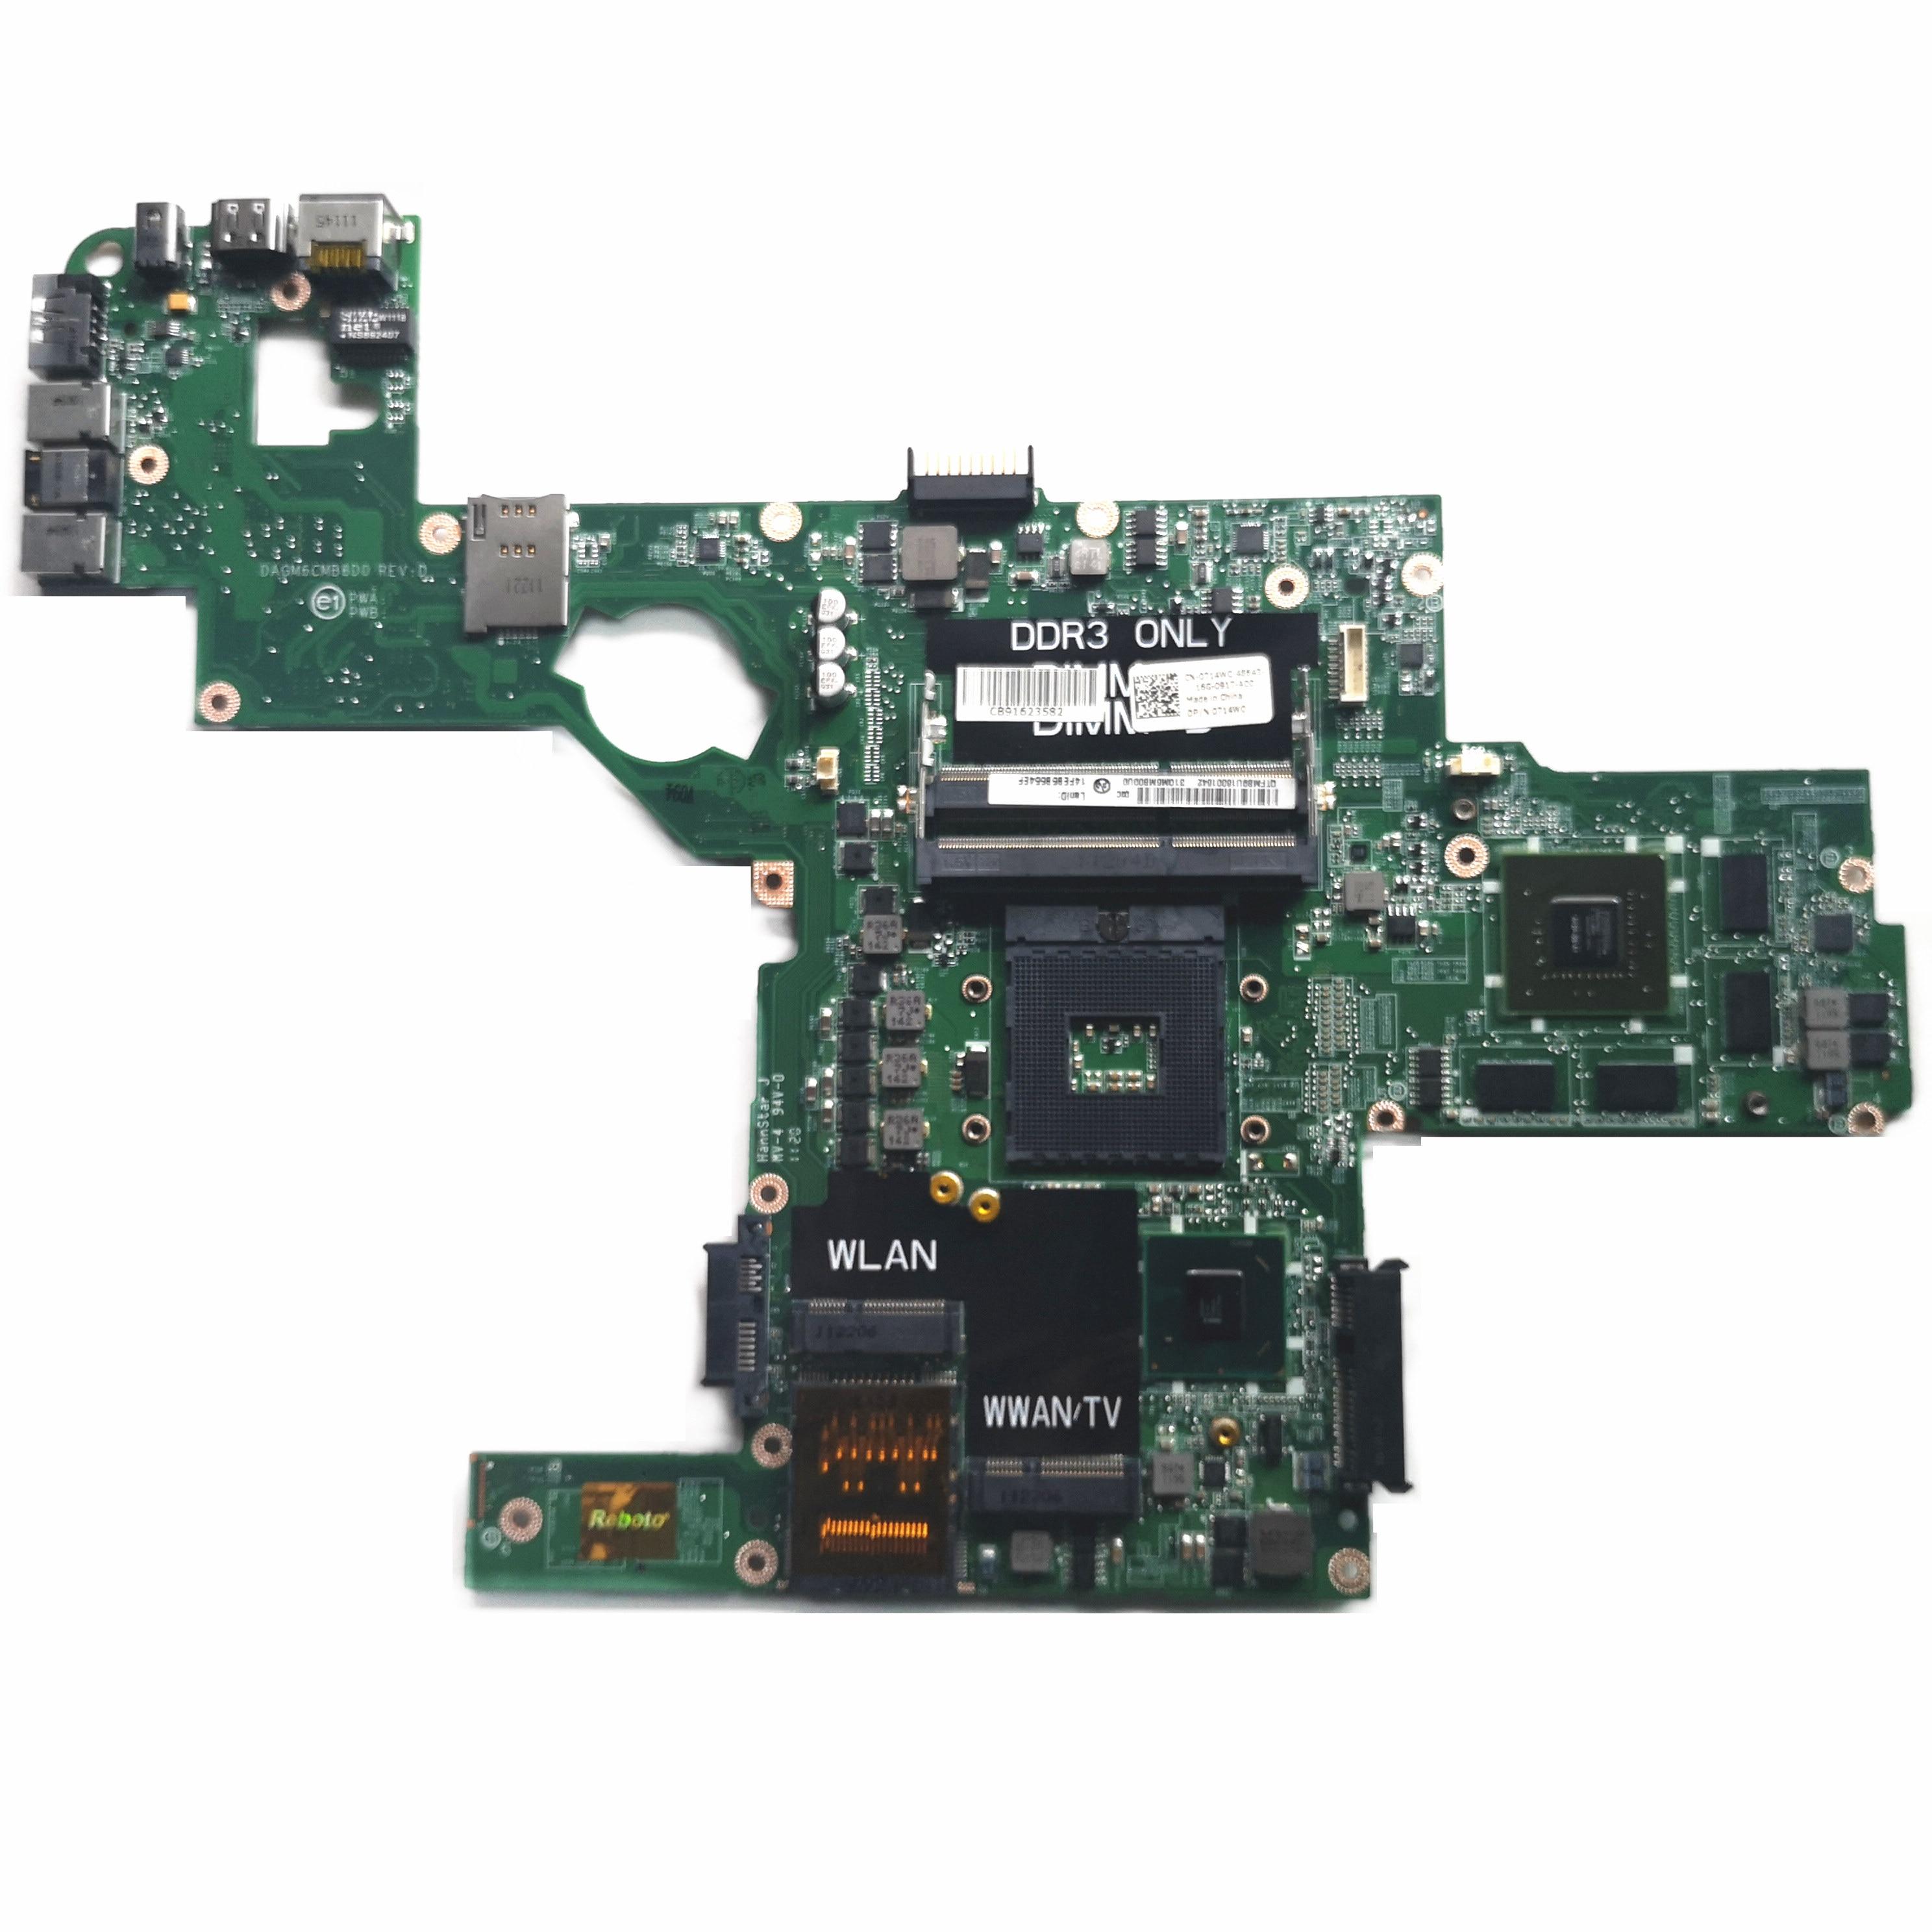 Reboto CN-0714WC 0714WC 714WC для DELL XPS L502X материнская плата для ноутбука GT540 2GB DAGM6CMB8D0 HM67 100% проверенная Быстрая доставка